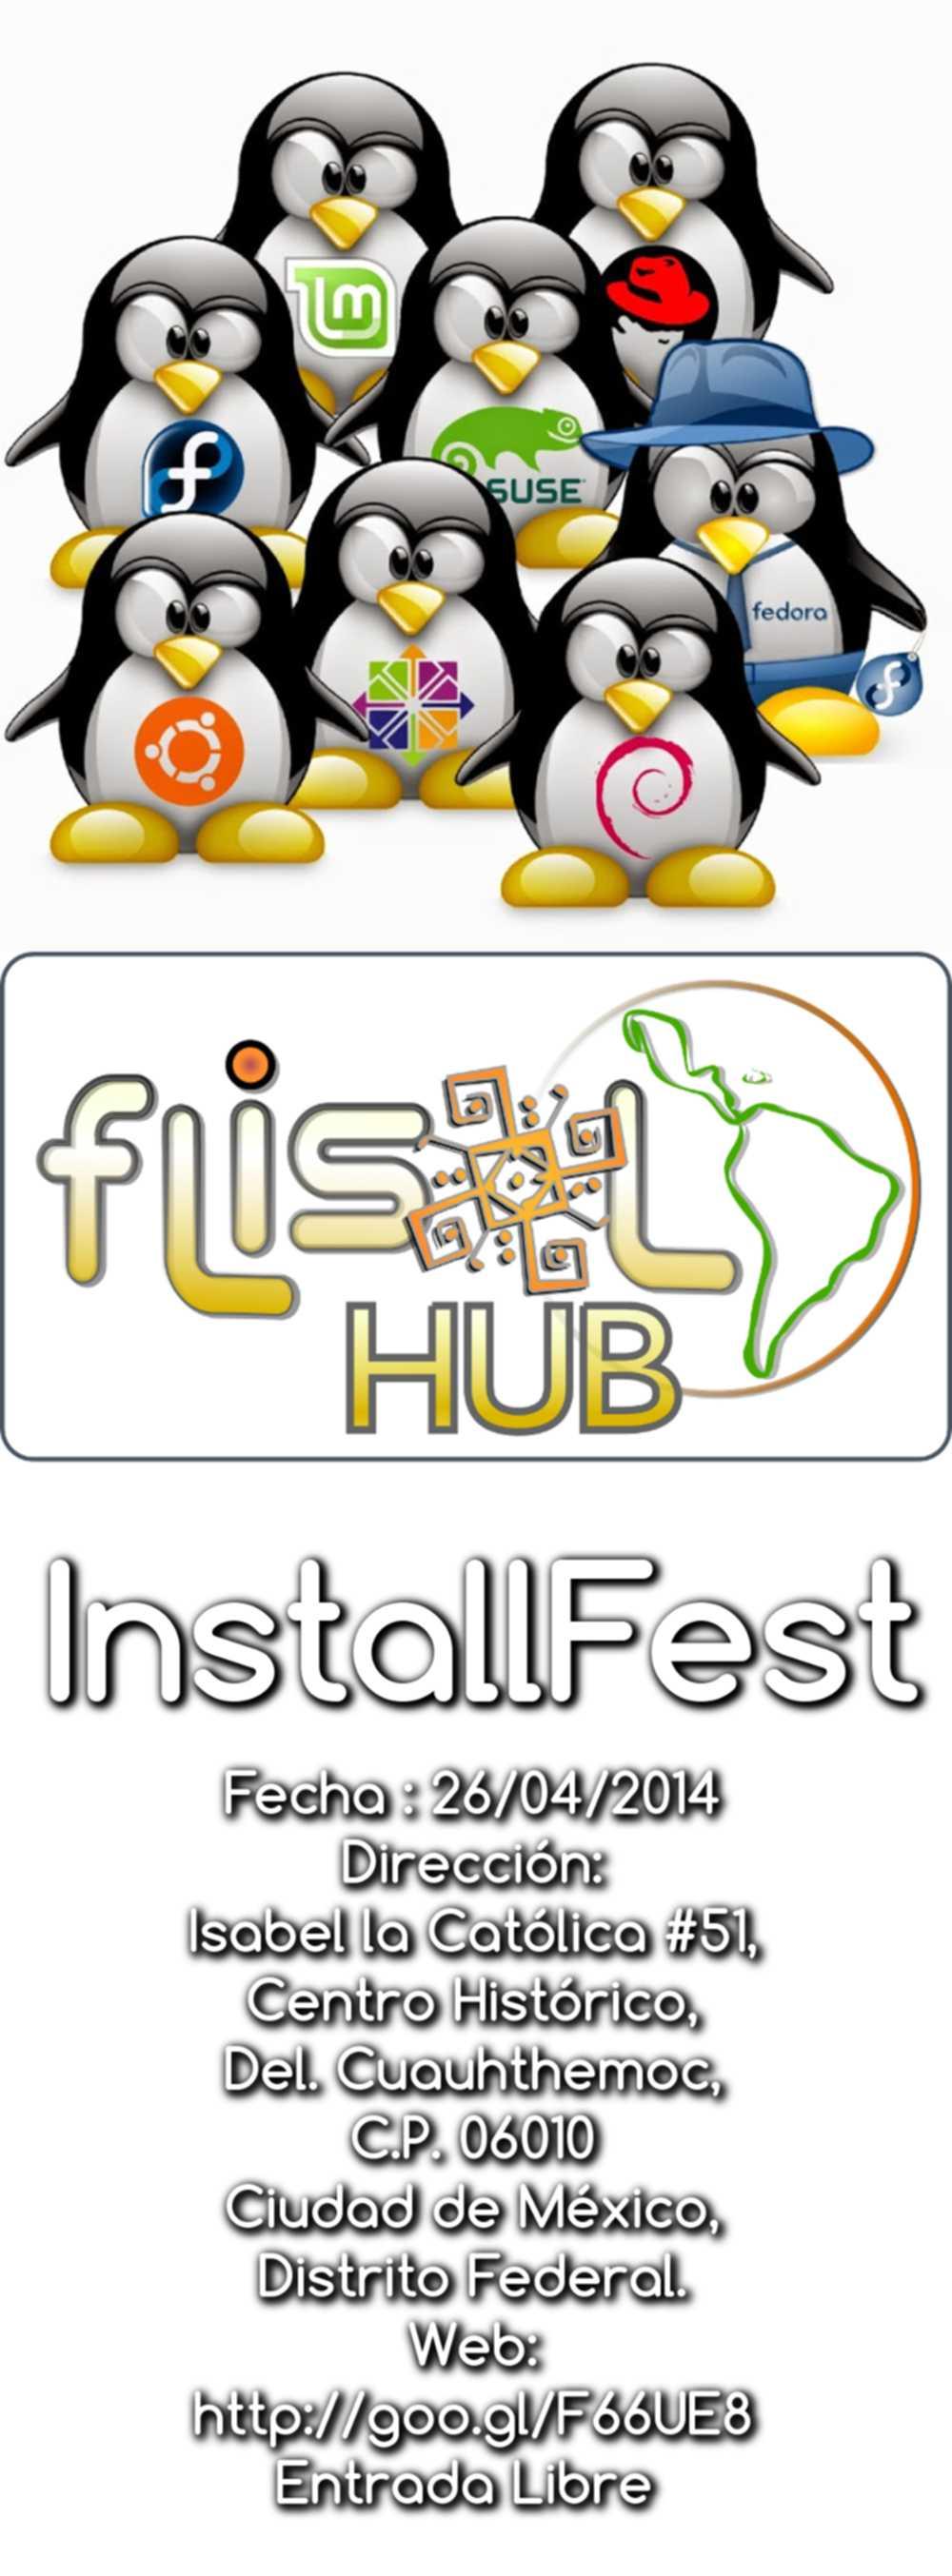 Installfest_FLISoLHUb0